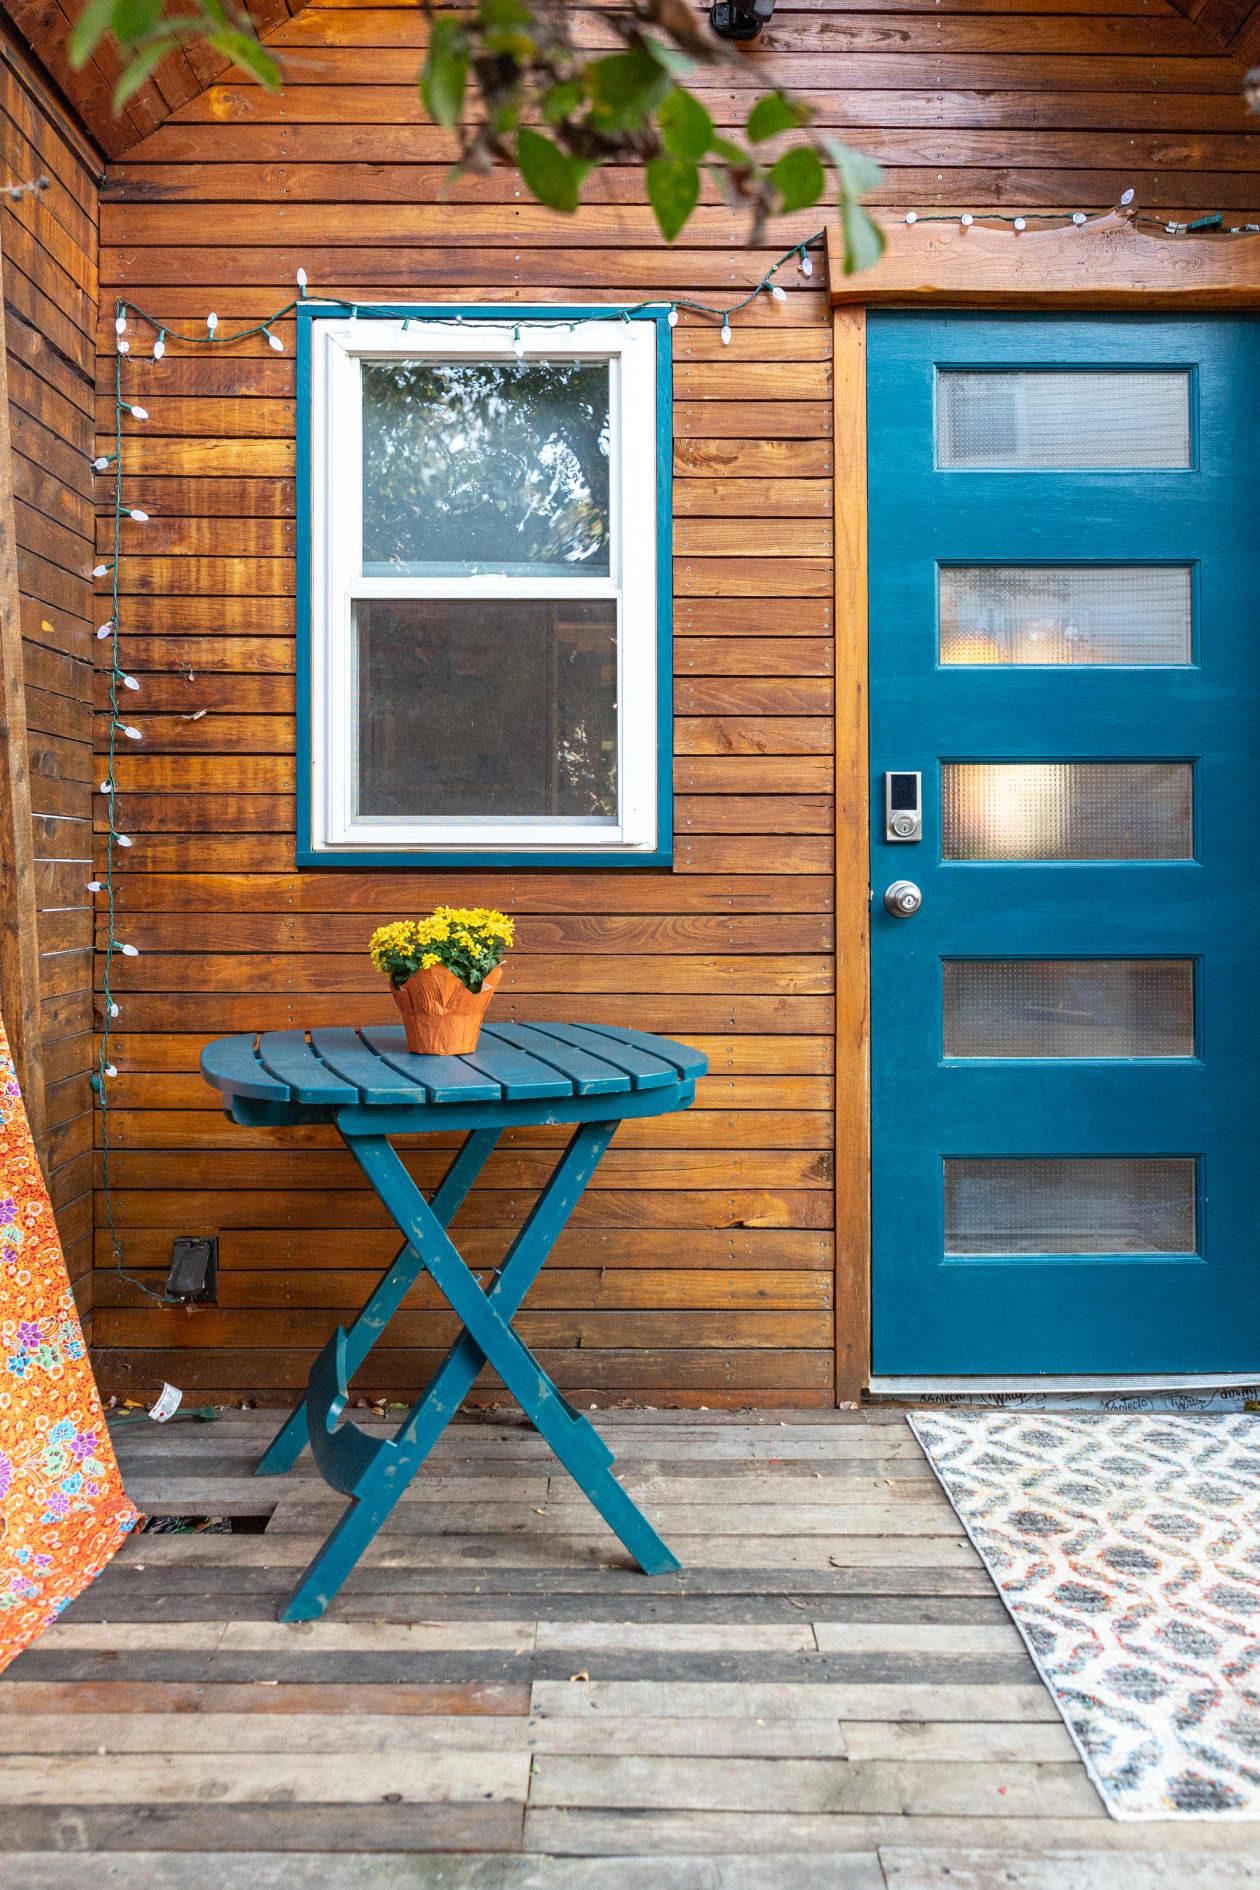 Thiết kế nhà nhỏ 44m2 theo phong cách Scandinavia, màu sắc tươi sáng lấy cảm hứng từ nghệ thuật truyền thống Mexico, dệt may, và gốm sứ tuyệt đẹp - Ảnh 8.